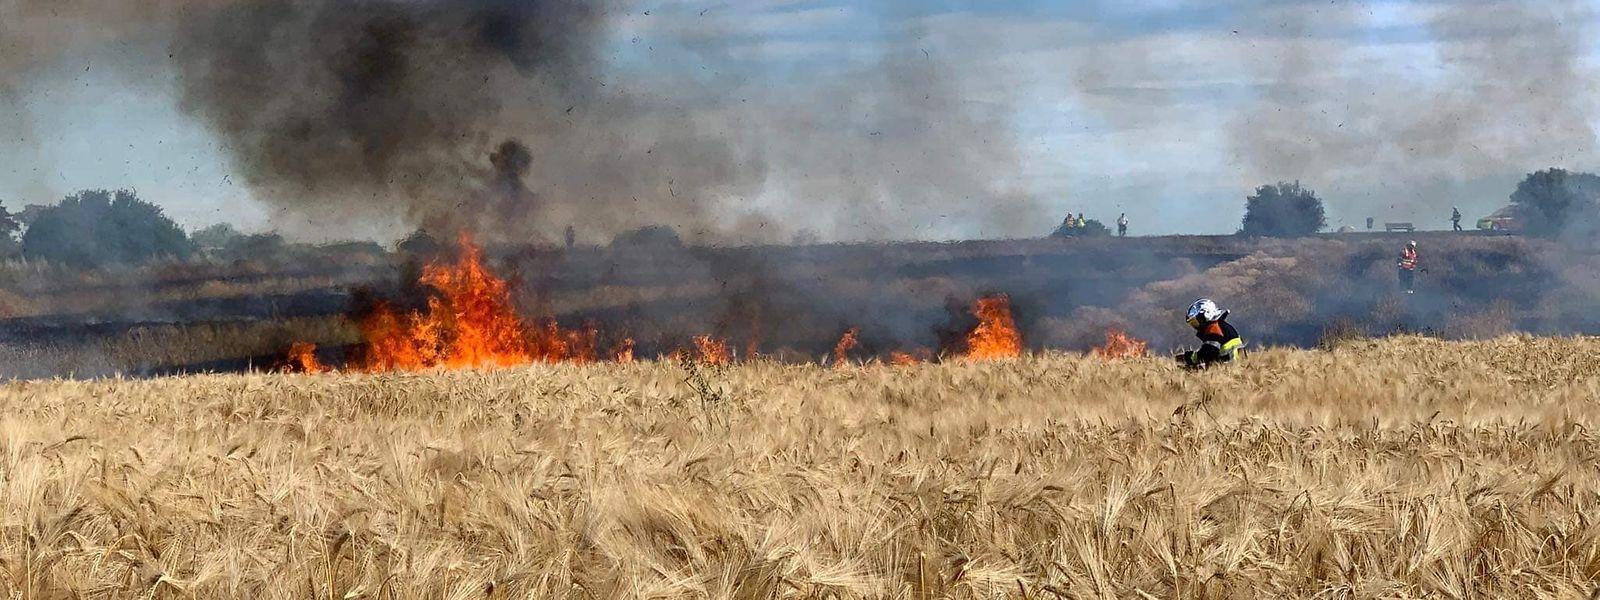 Am Samstag brannten in Luxemburg gleich mehrere Felder, wie hier zwischen Schüttringen und Canach.